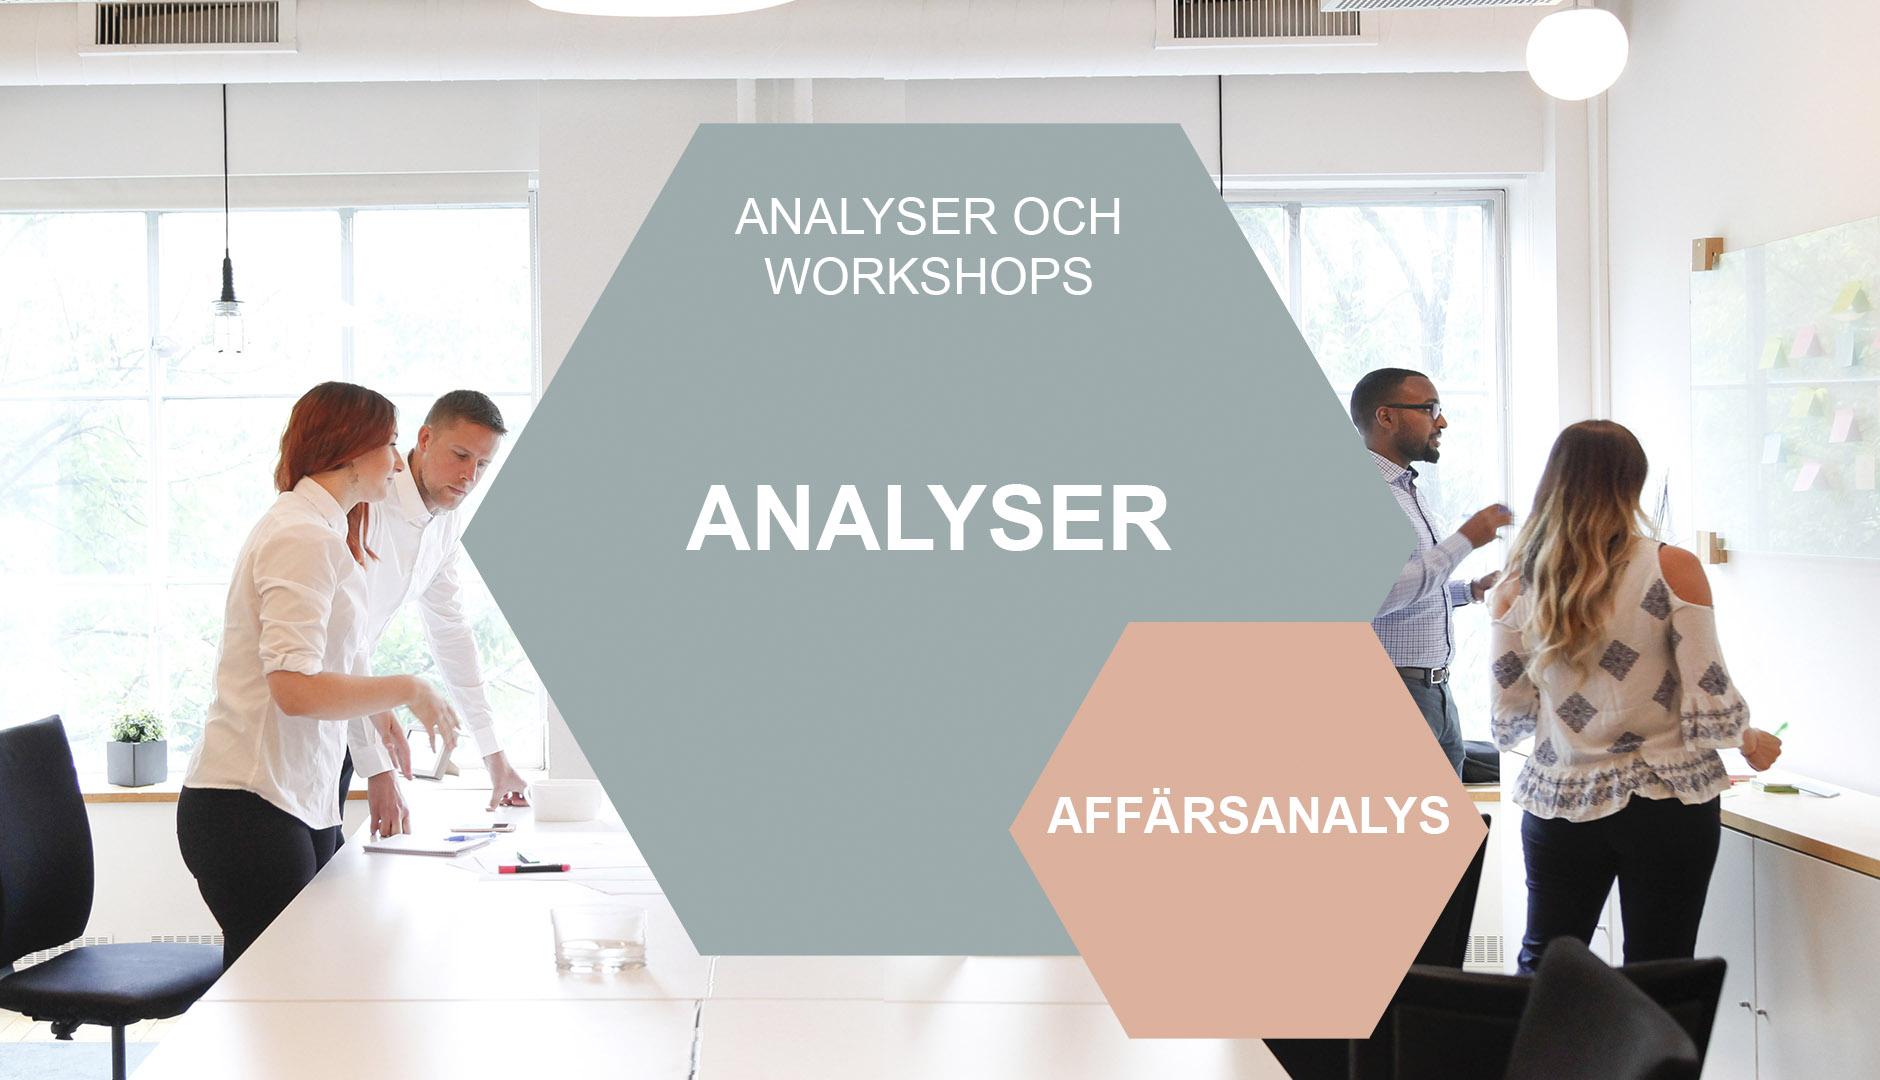 Affärsanalys i hexagon mot bakgrund av människor i workshop